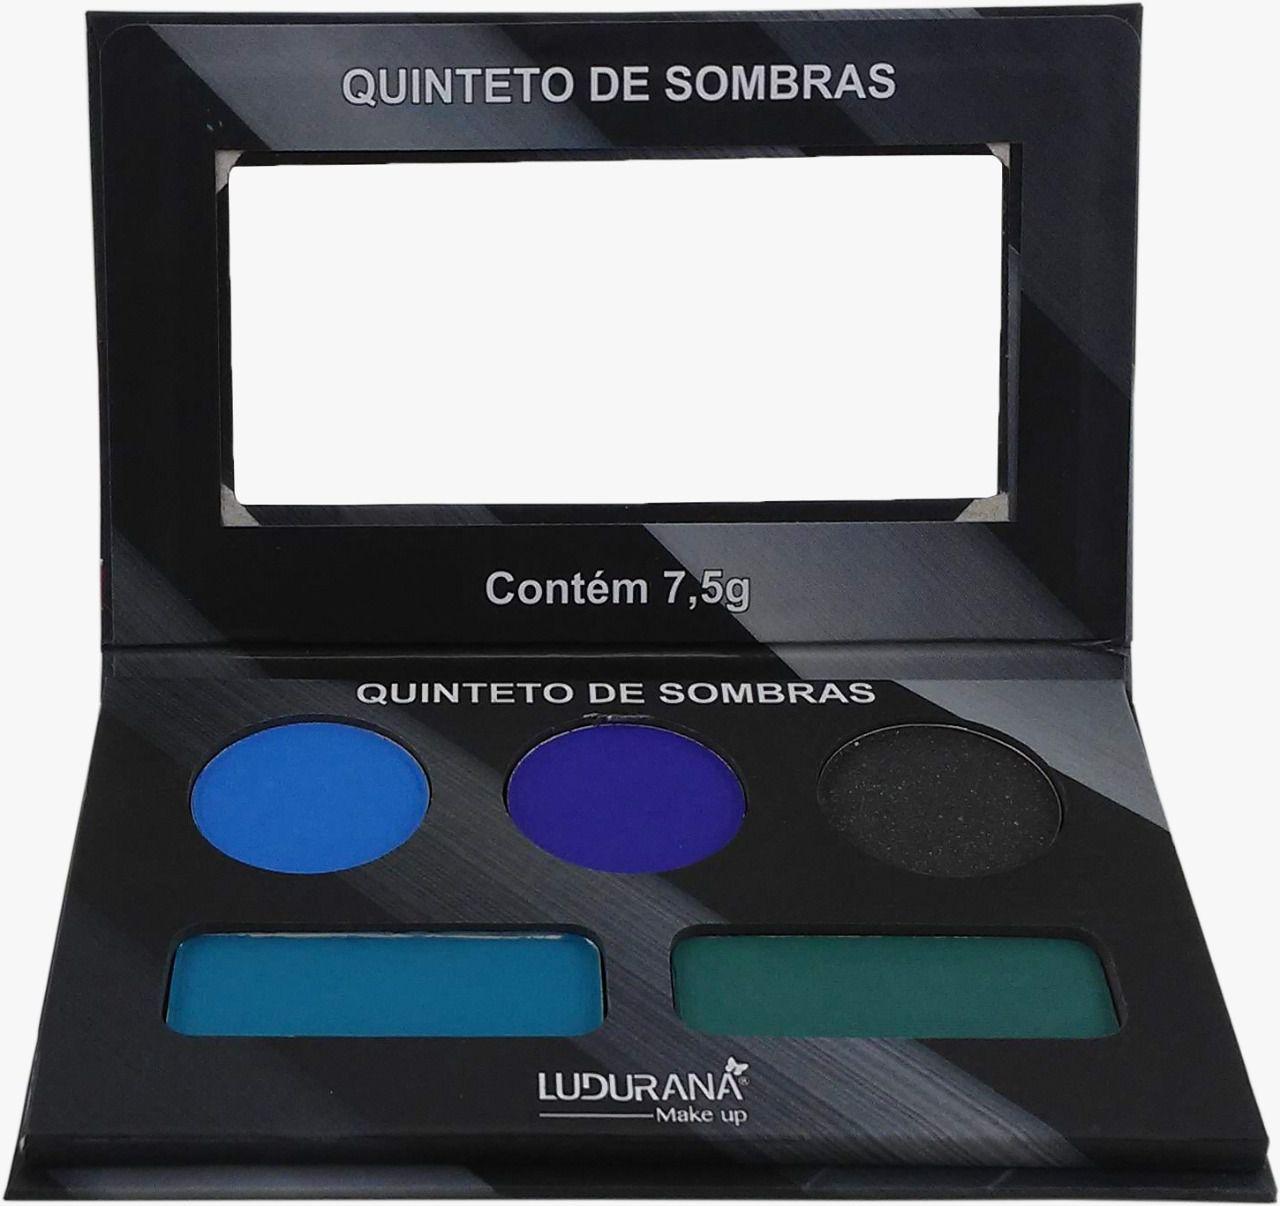 Quinteto de Sombras Ludurana